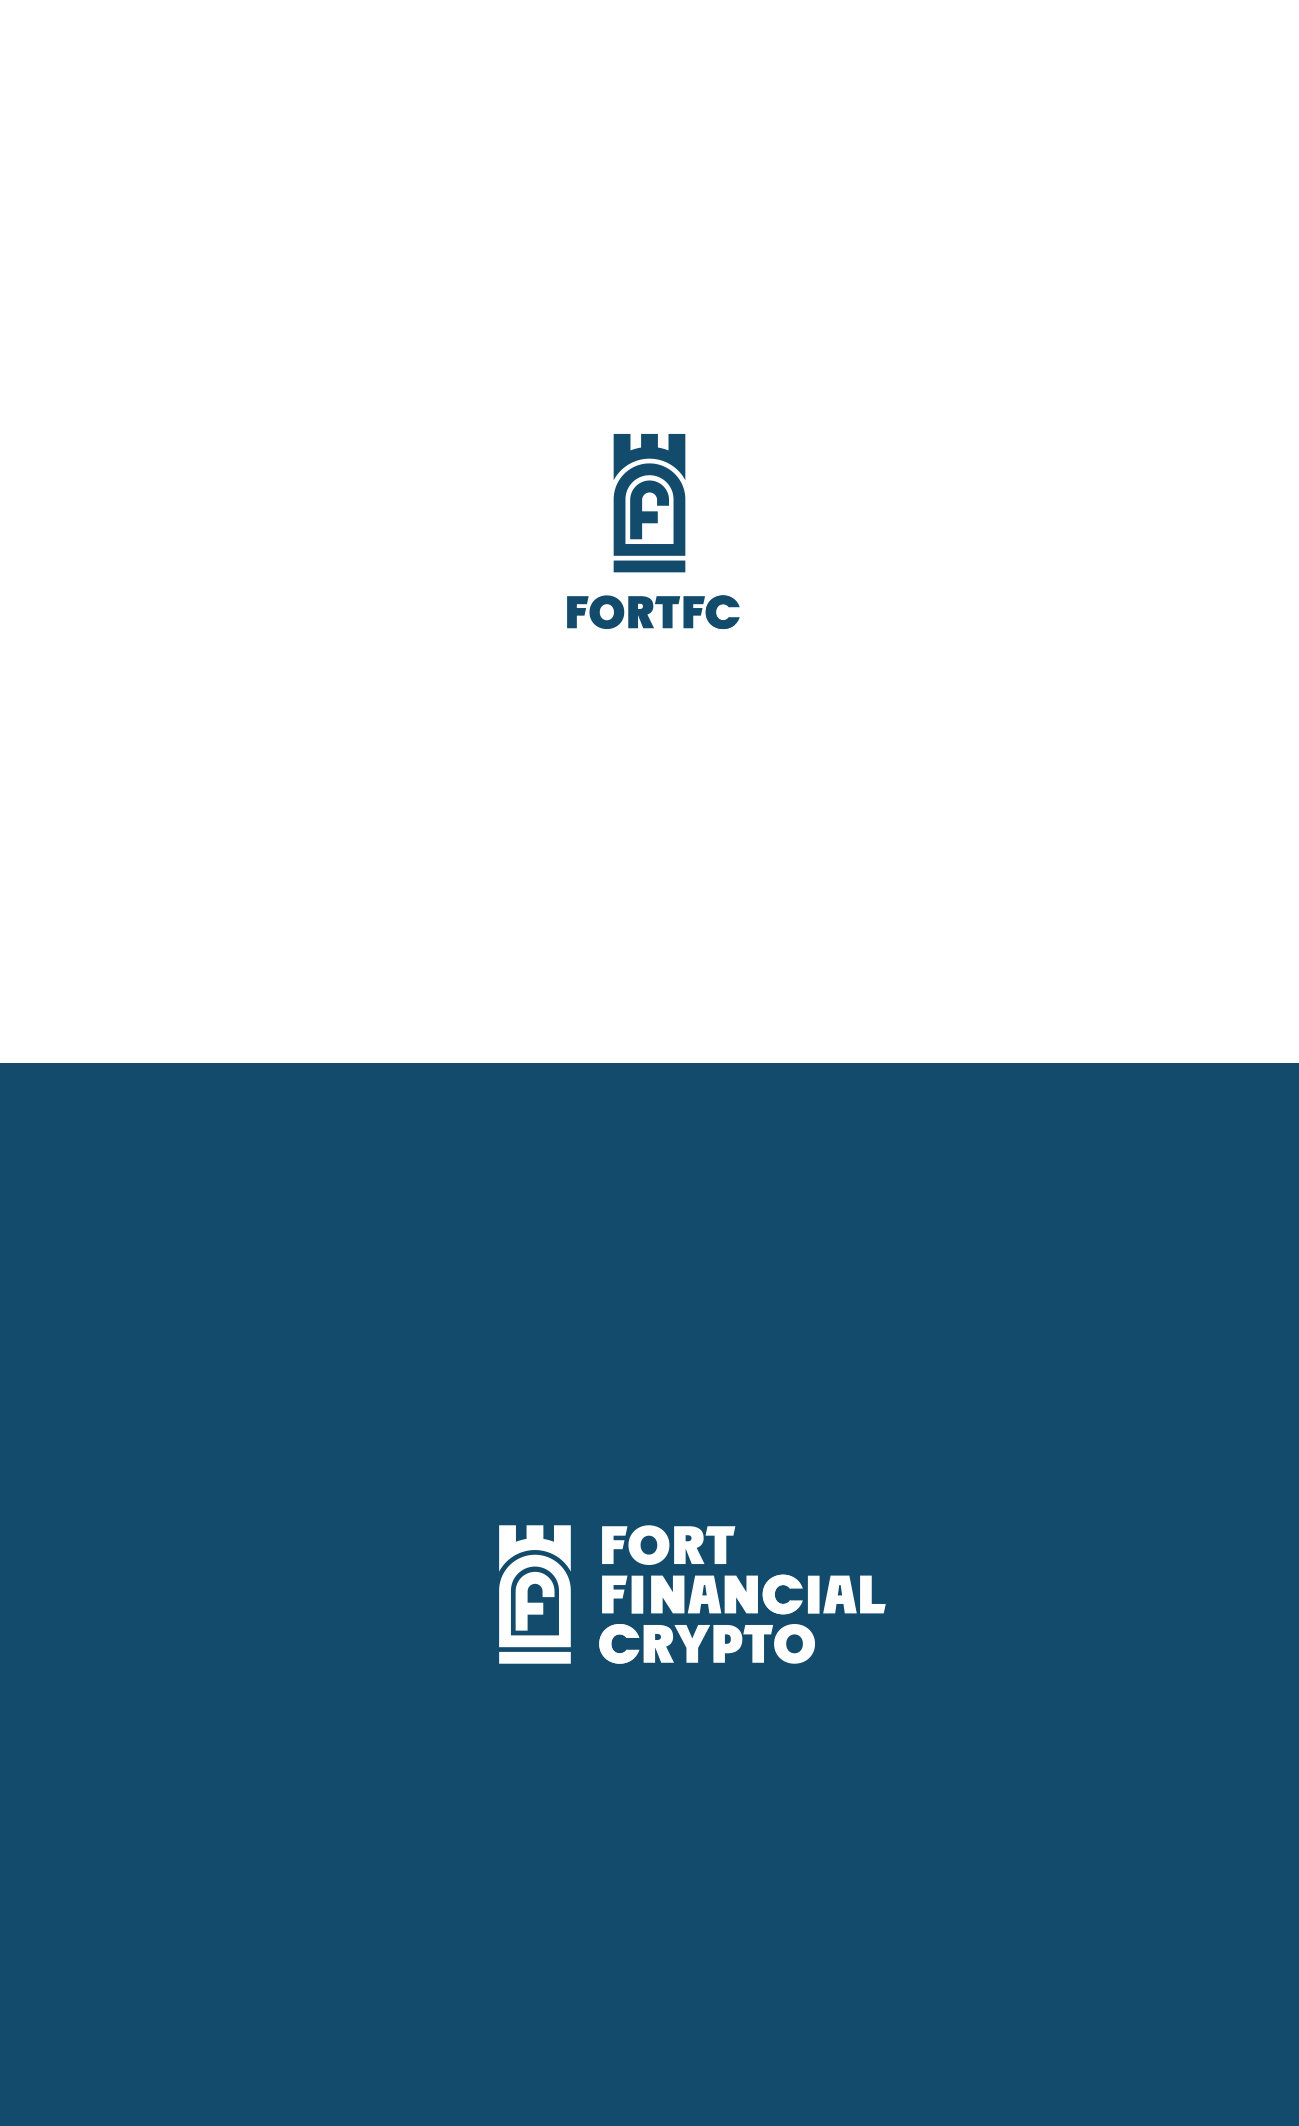 Разработка логотипа финансовой компании фото f_9115a8411d2cd75a.png